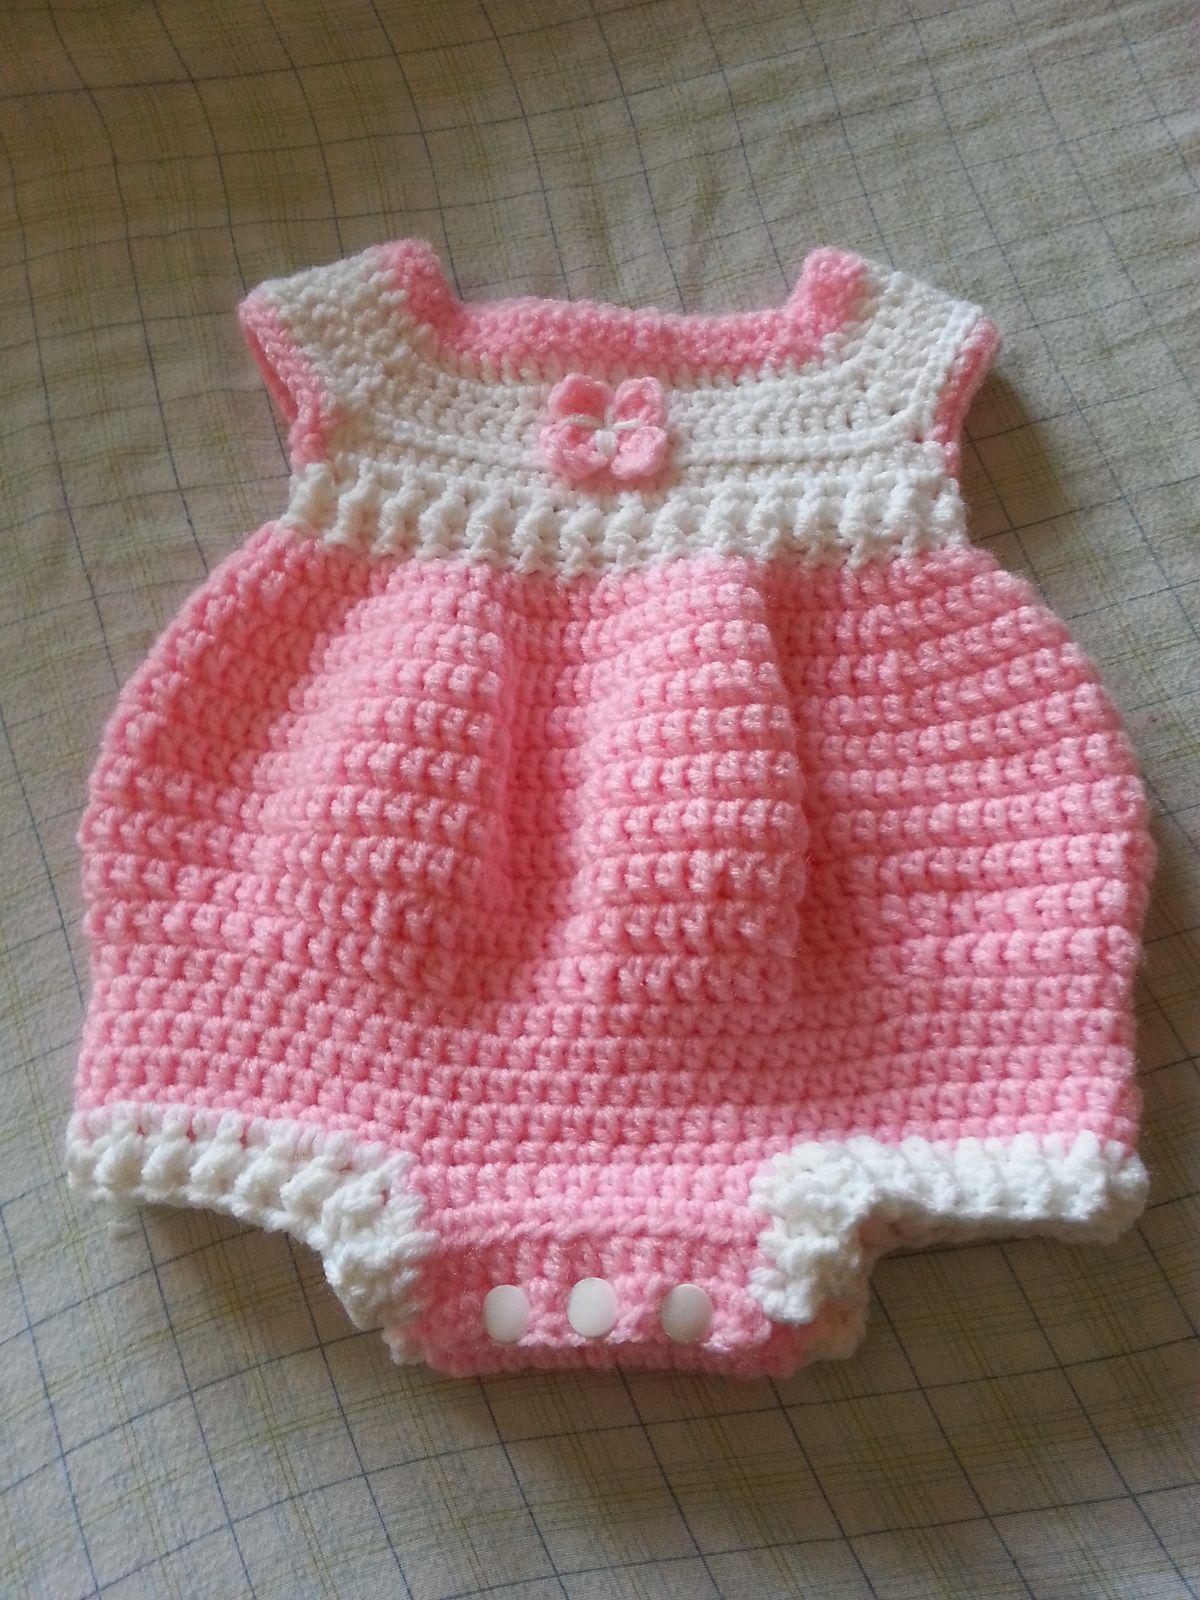 Newborn Romper By Joanne Holt - Free Crochet Pattern - (ravelry ...